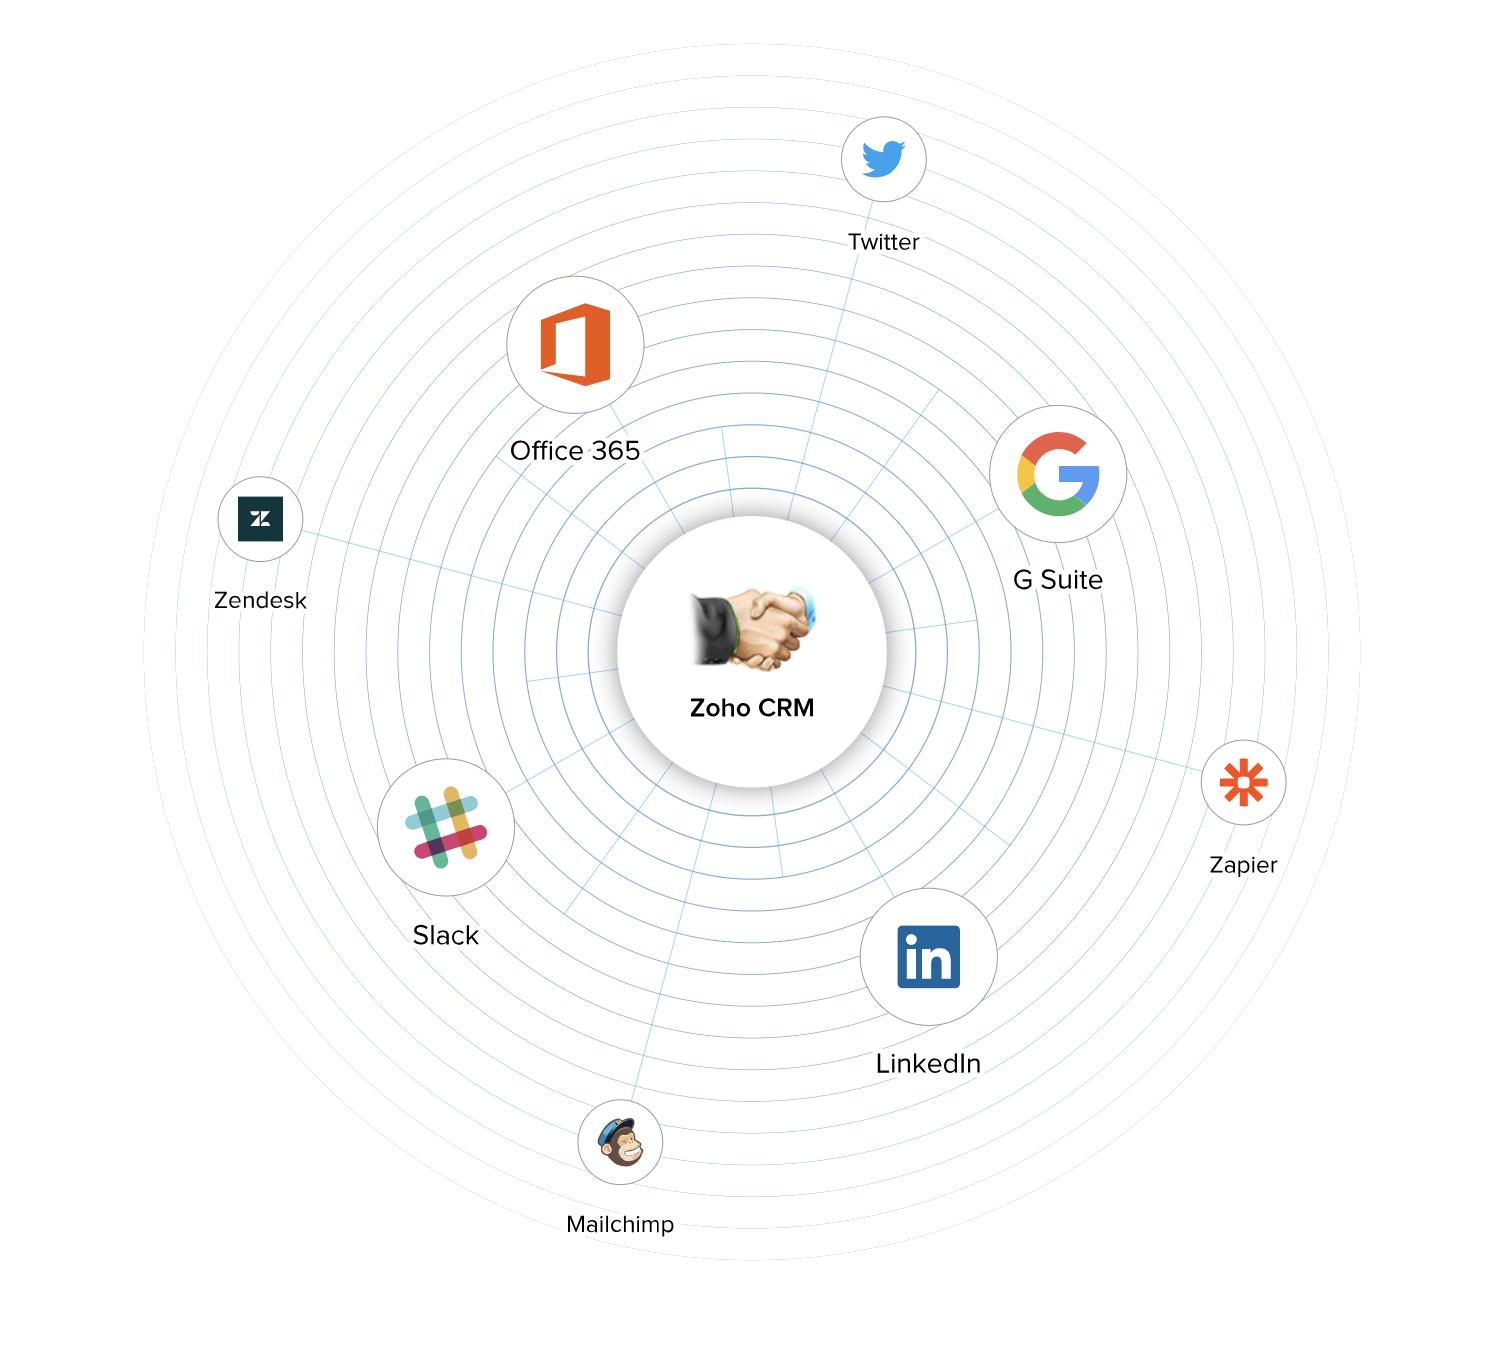 Intégration possible avec beaucoup d'autres applications d'entreprise prisées